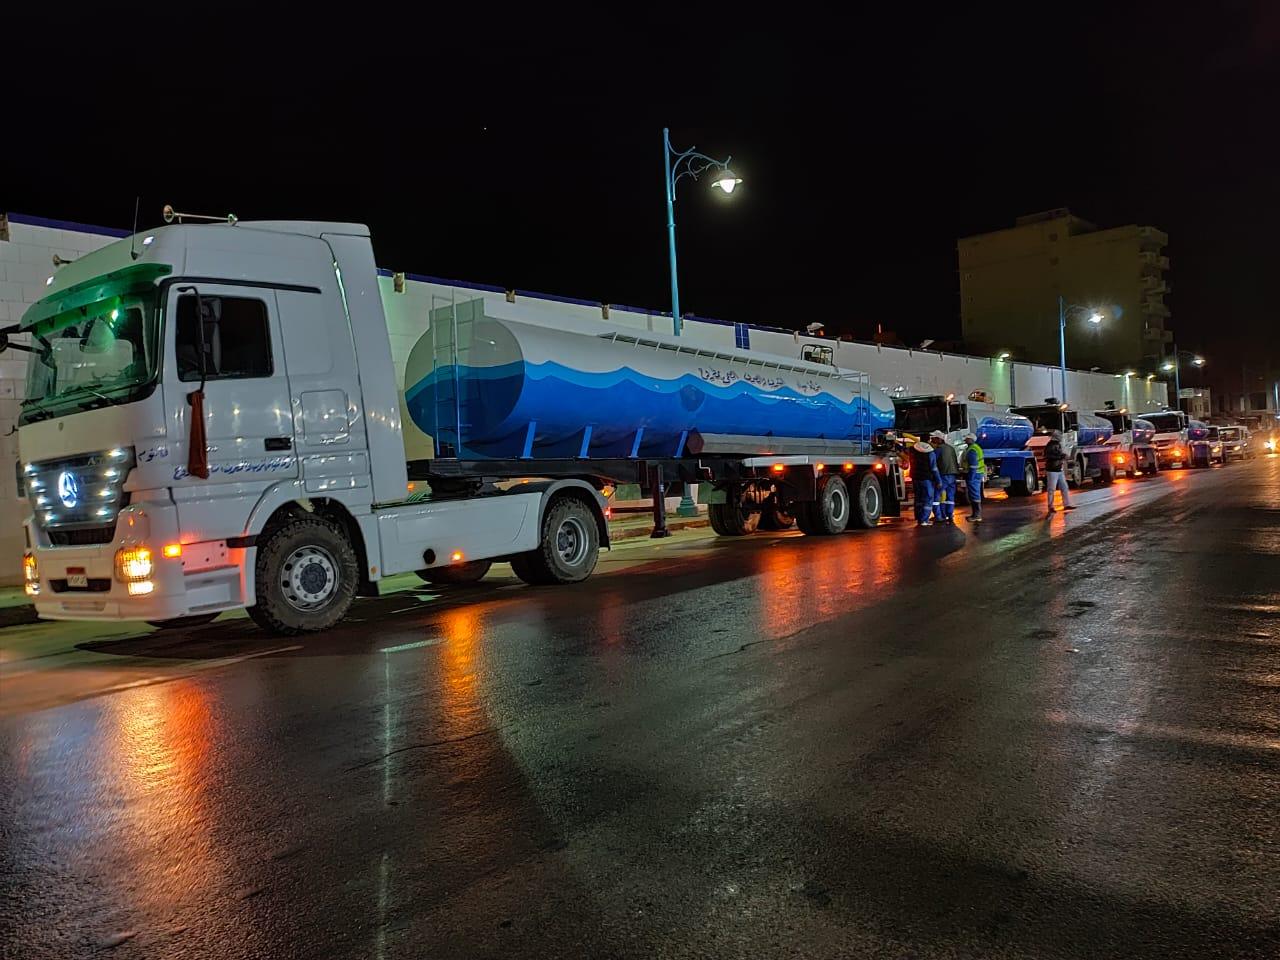 شركة مياه مطروح تواصل حملاتها لتطهير الشوارع (1)